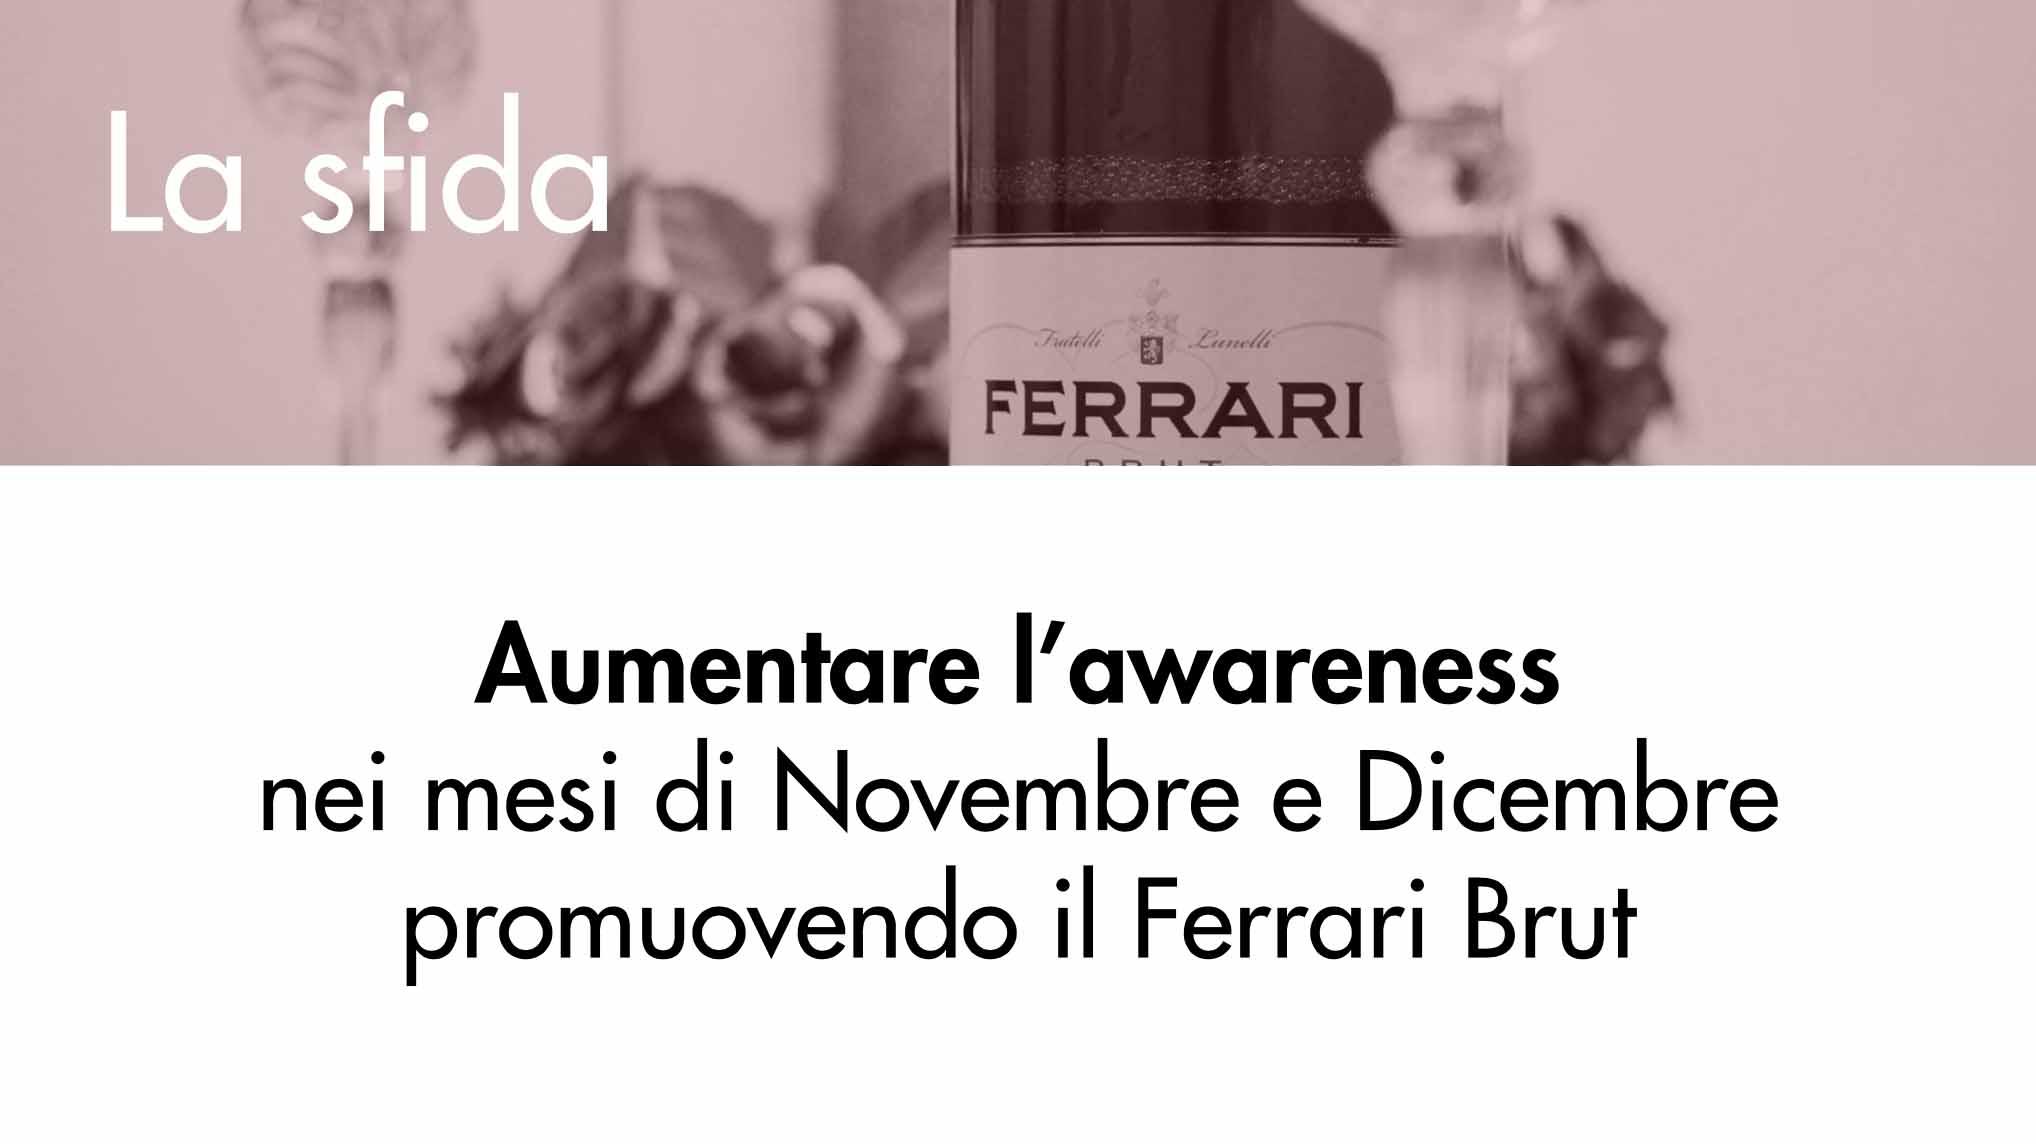 Antonio Polato Ferrari Trento IUSVE 2018 sfida